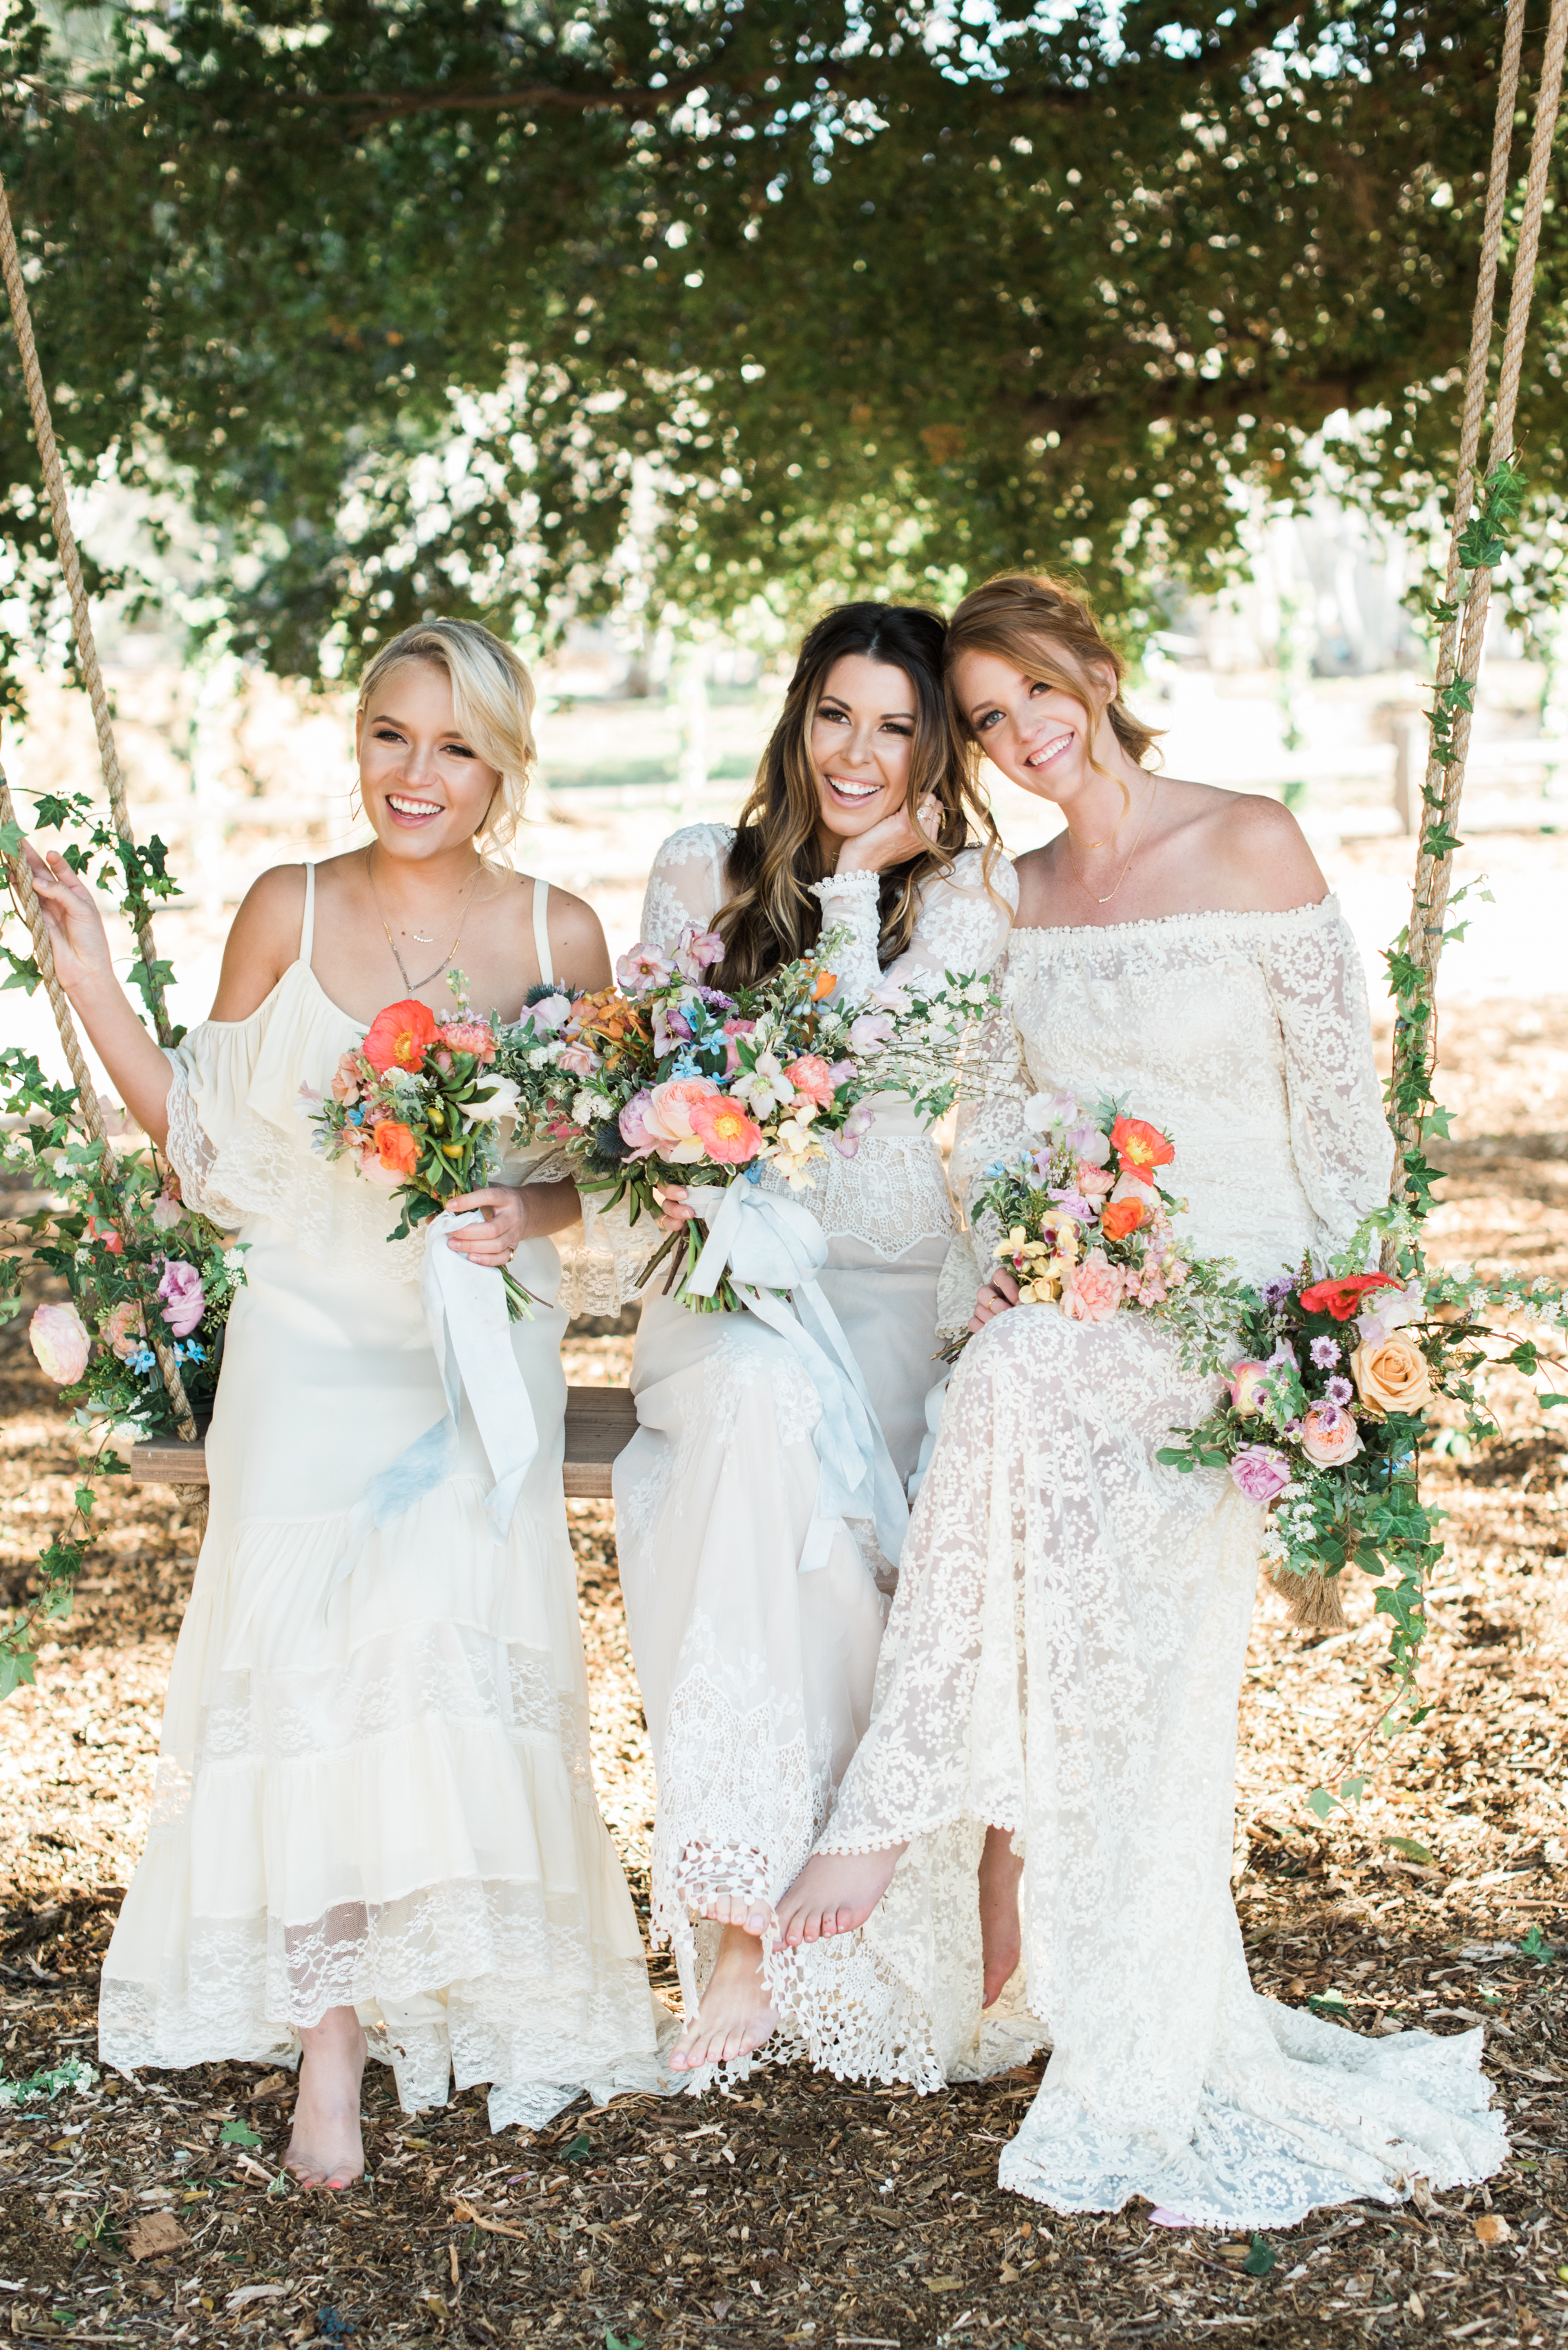 Pesta Bridal Outdoor dengan Gaun Putih